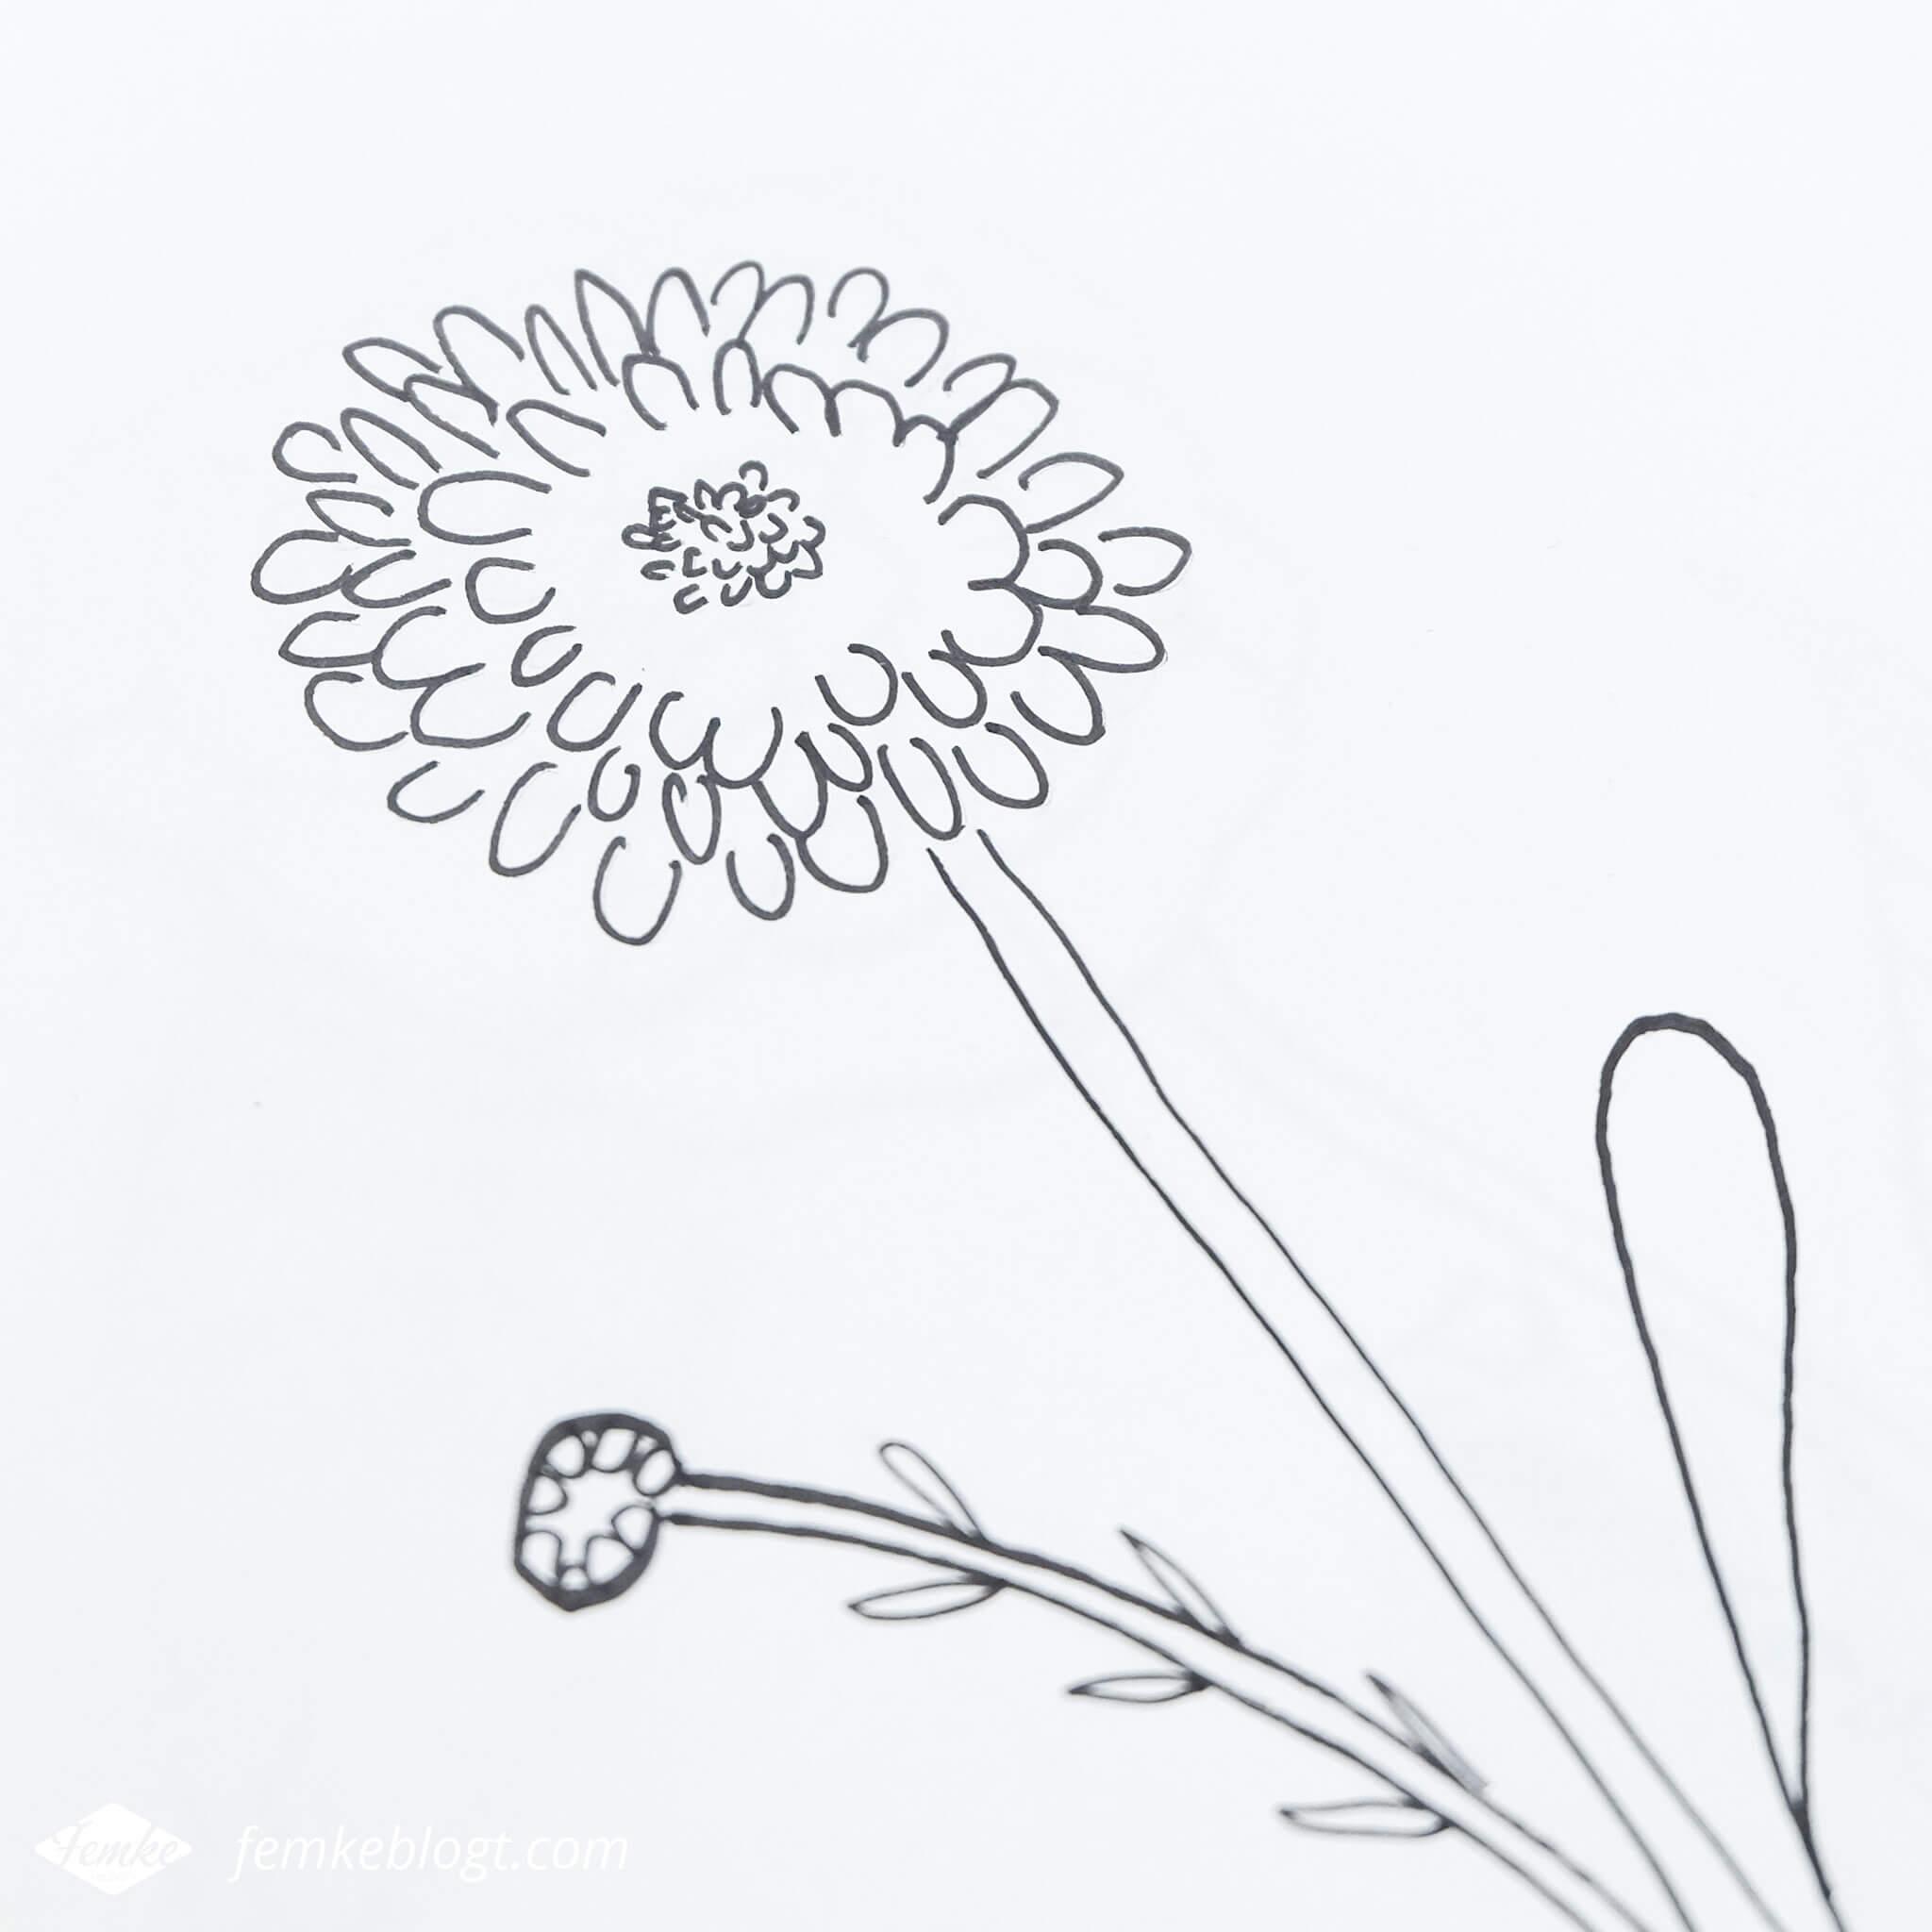 31 Dagen bloemen #3   In deel 3 van de 31 Dagen bloemen serie gaan we de chrysant tekenen